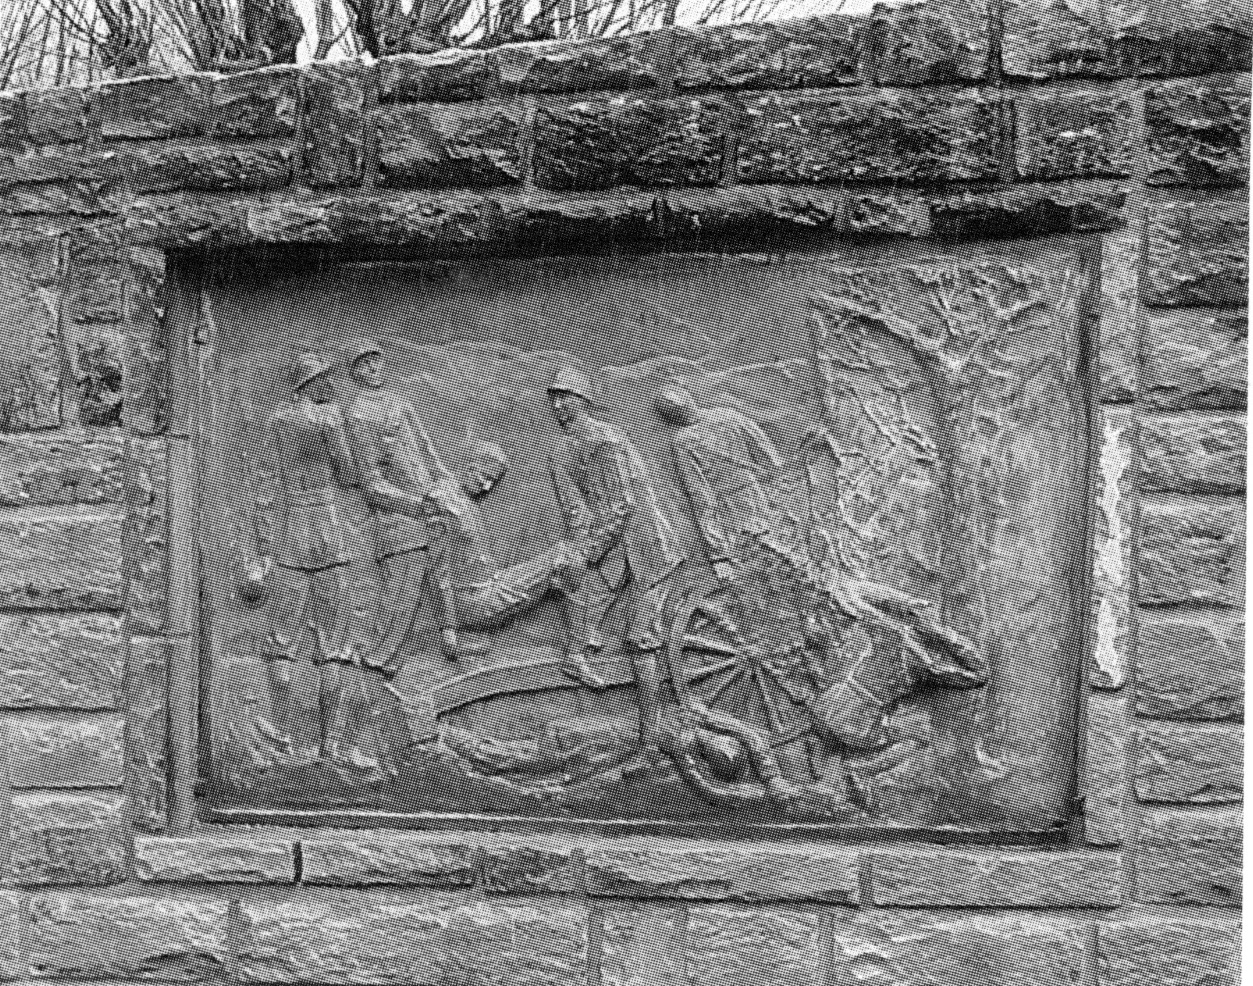 ritorno a casa dei soldati, trasporto di feriti dal campo di battaglia (monumento ai caduti - a cippo) di Ferretti Mario (sec. XX)